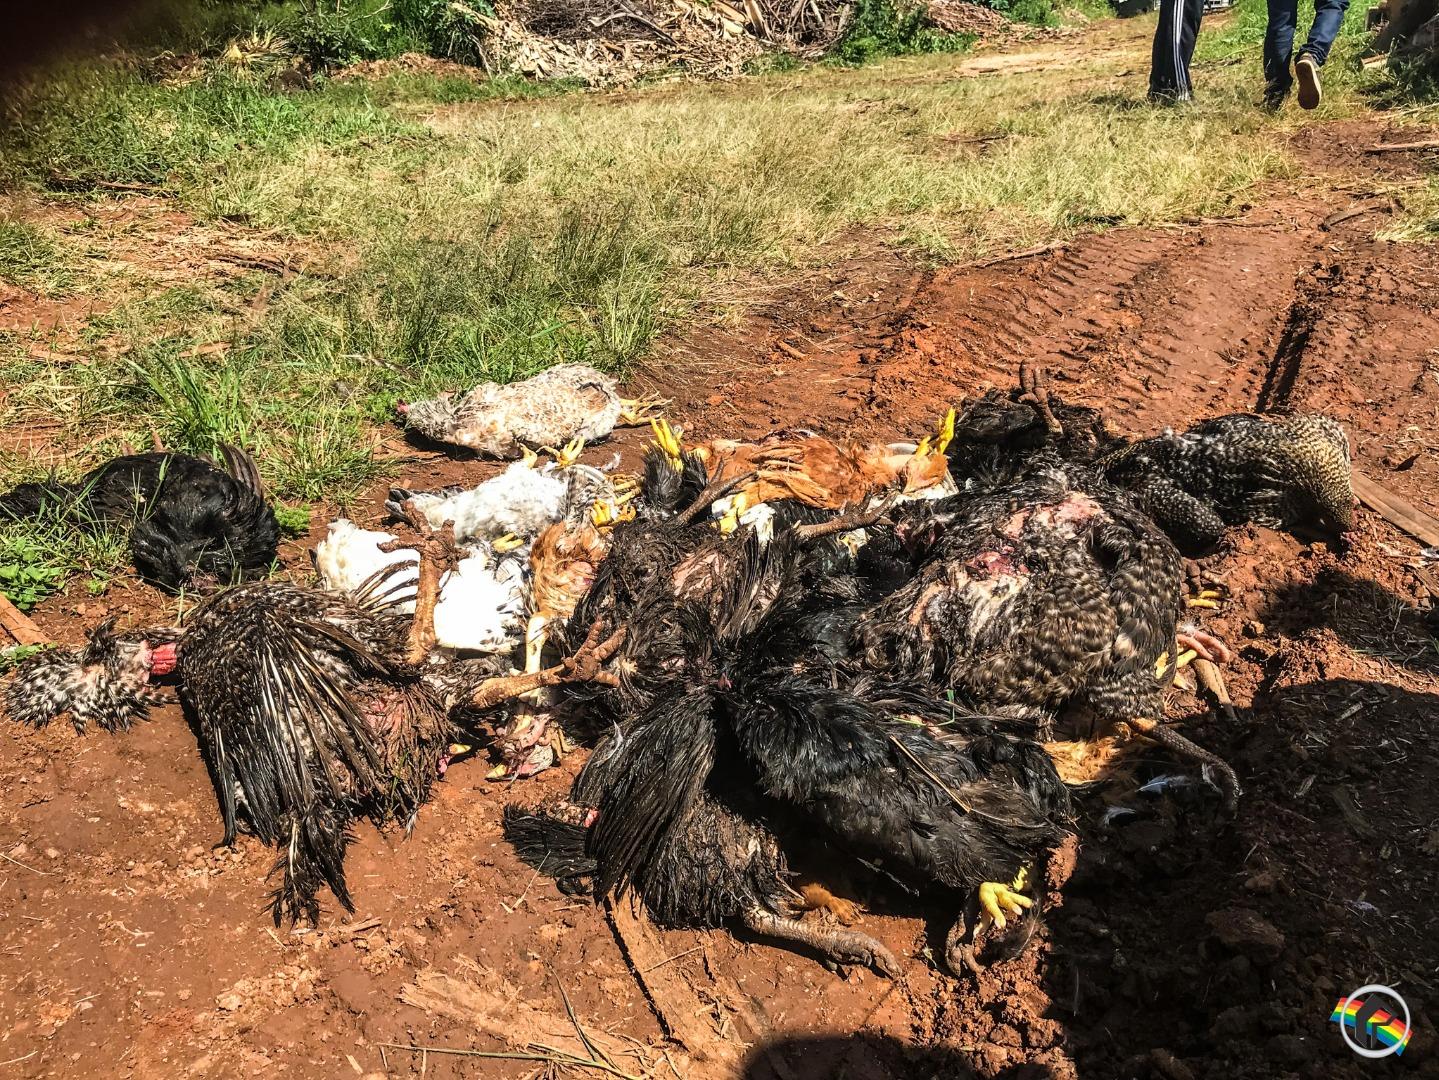 VÍDEO: Mais de 60 animais são encontrados mortos no município